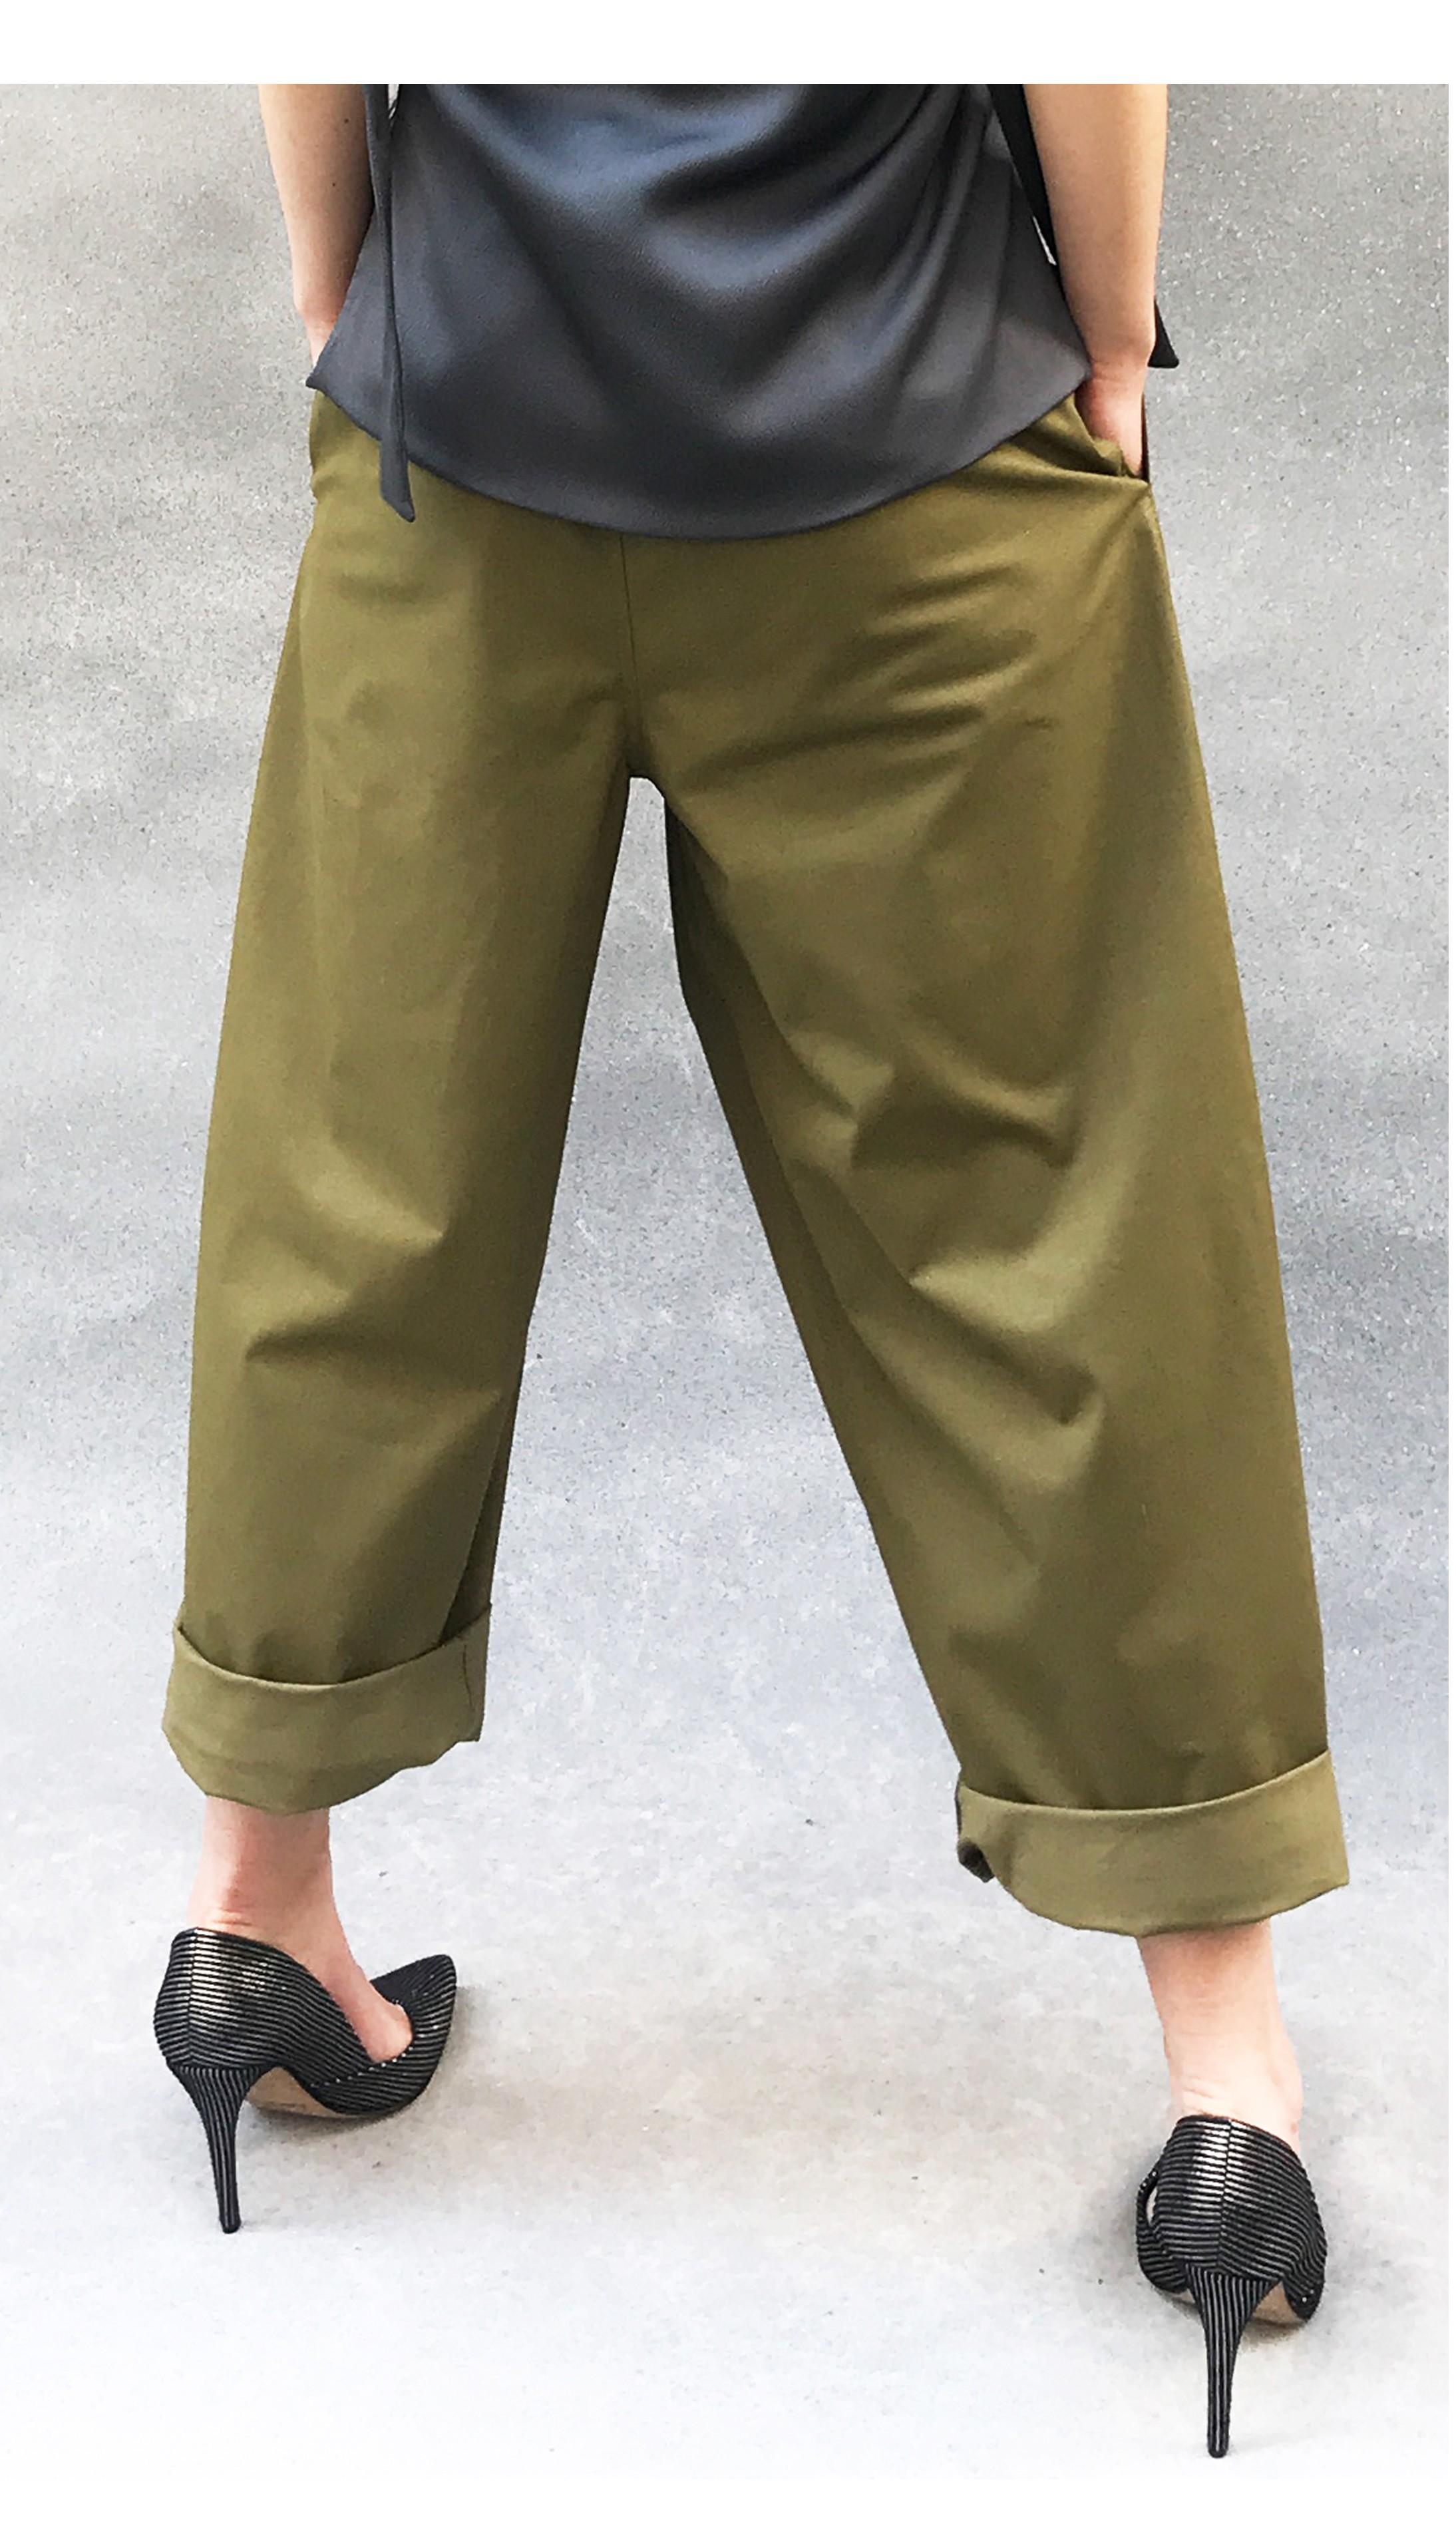 JSP RETROUVAILLE PANTS